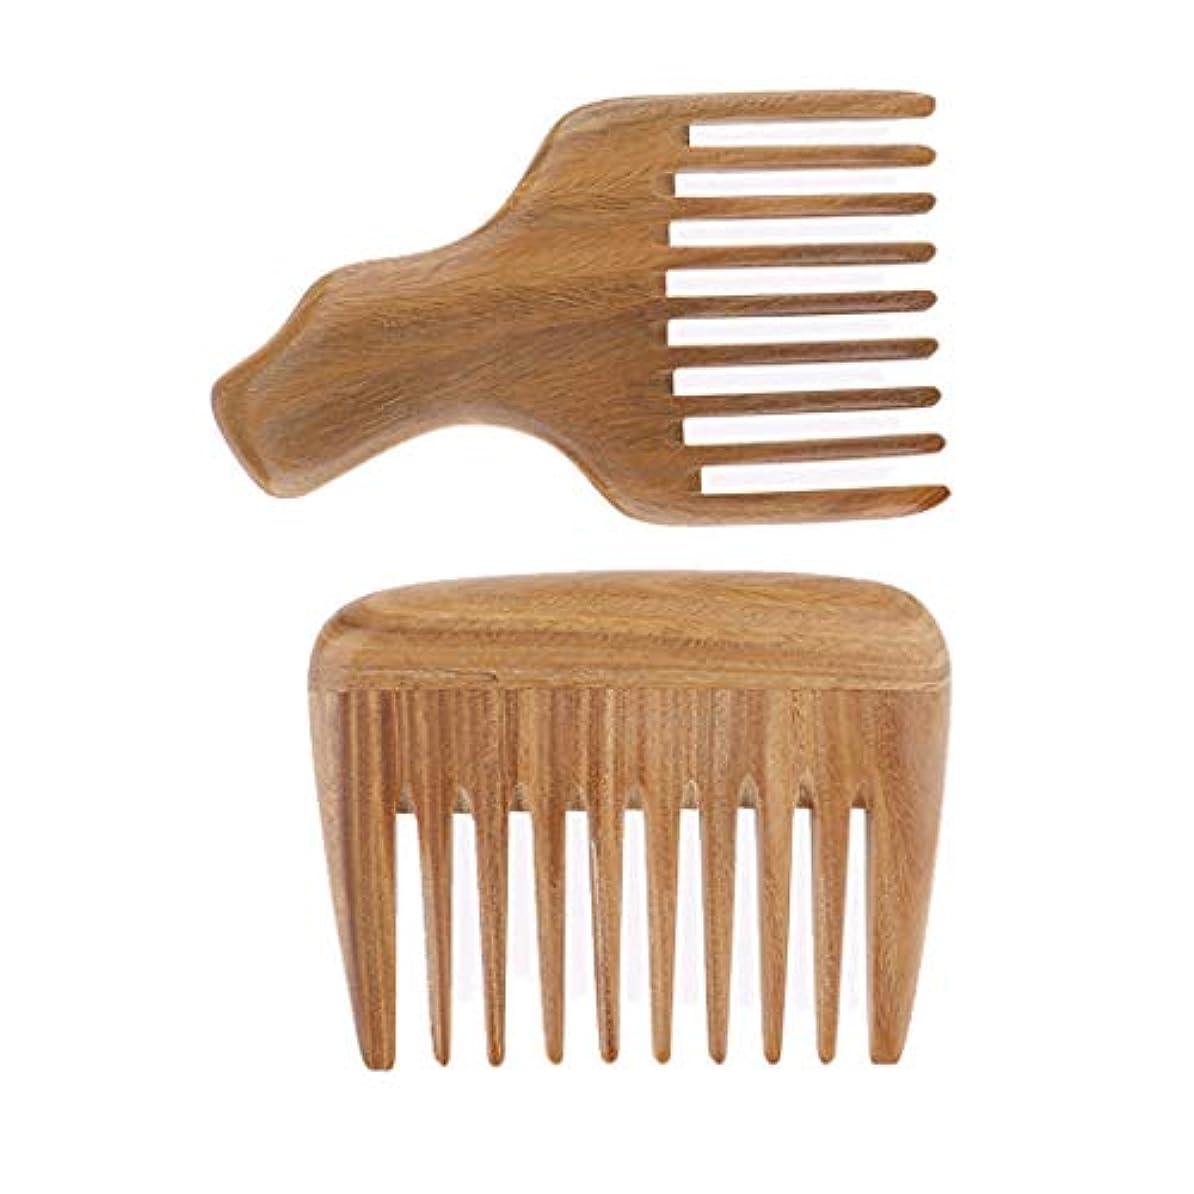 オークランド摂氏普遍的なCUTICATE ヘアブラシ ヘアダイコーム 櫛 ヘアコーム 木製コーム 粗い 頭皮マッサージ ツール 2個入り